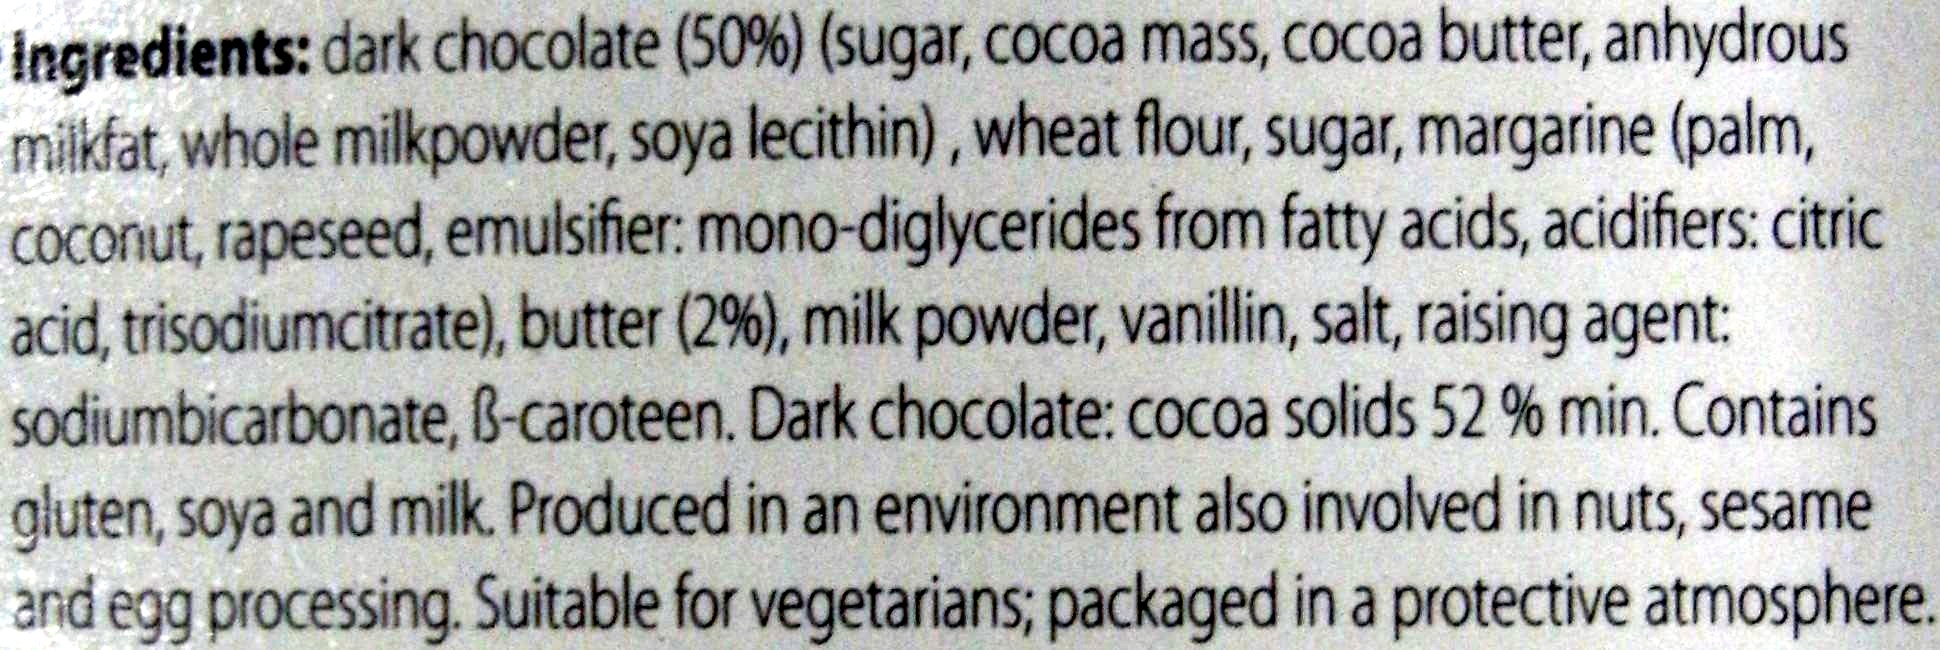 Memoires dark chocolate hearts - Ingredients - en